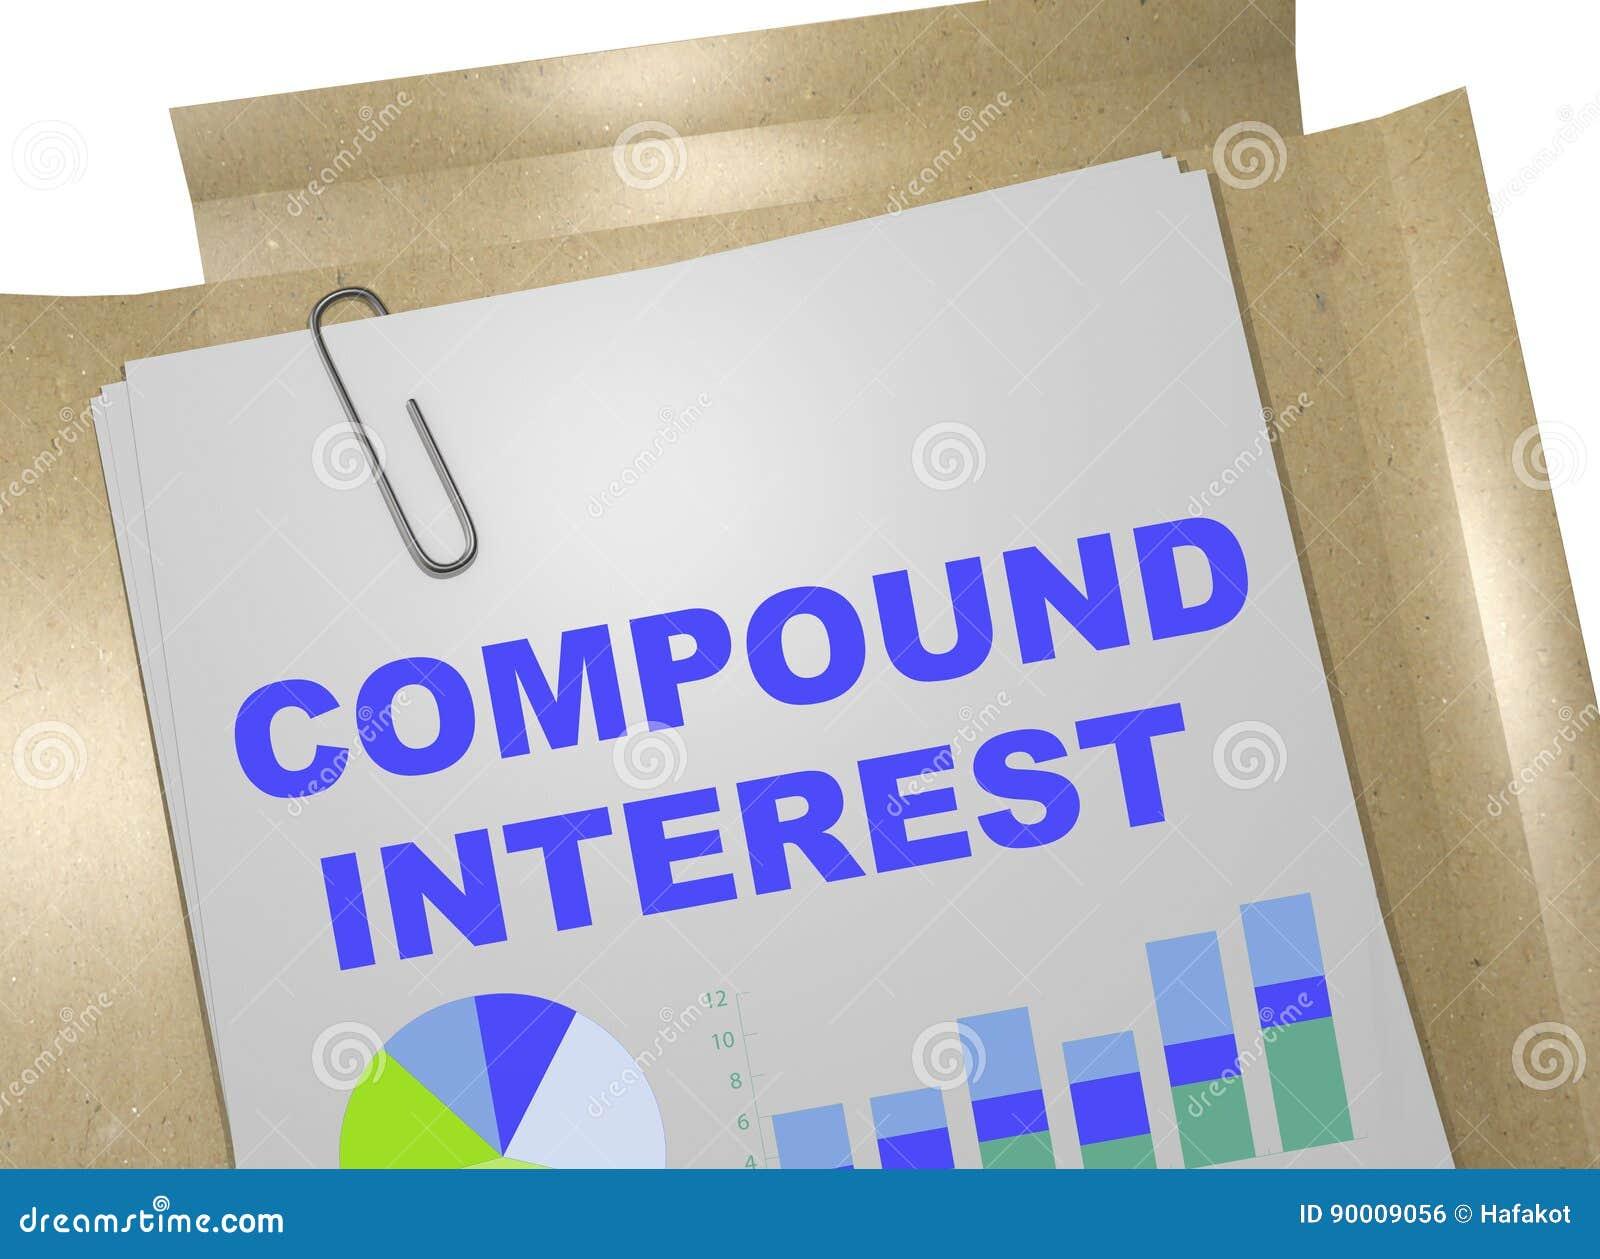 Concepto del interés compuesto